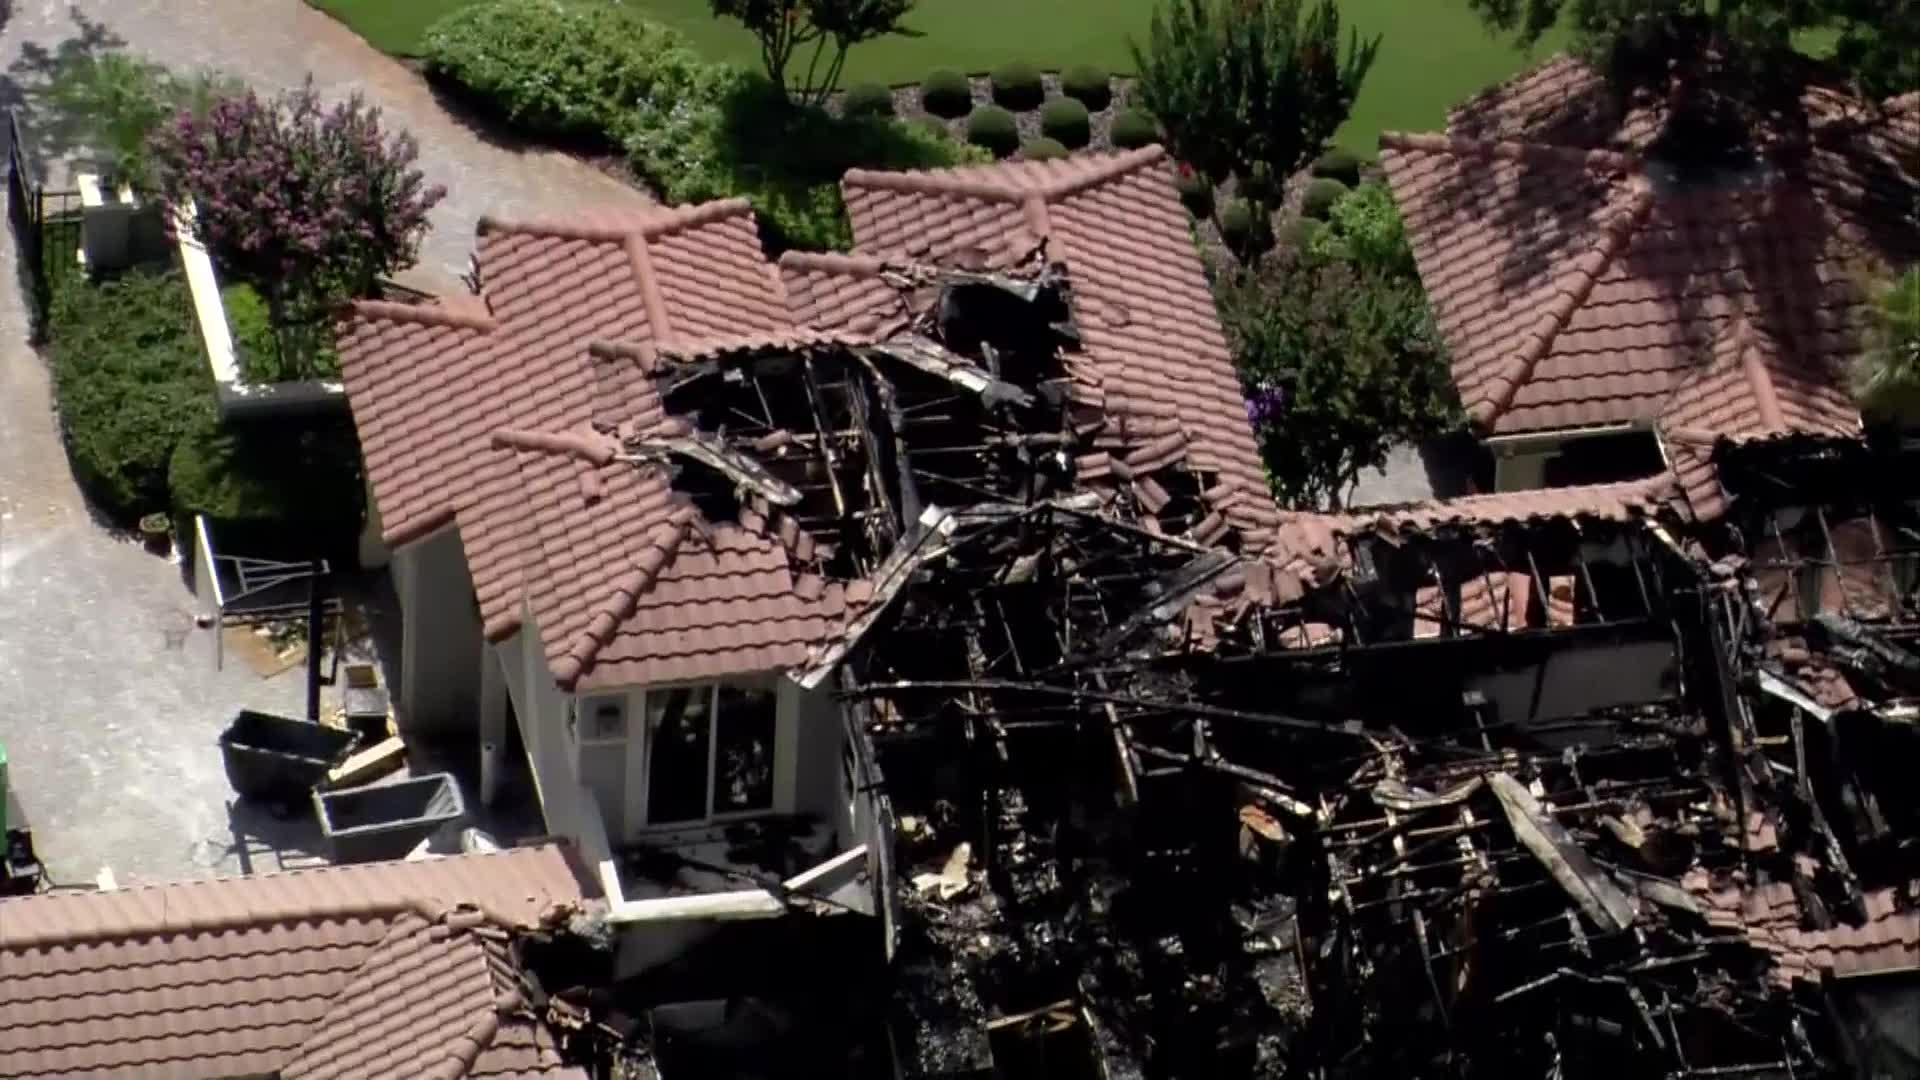 St. Petersburg, FL home burned down